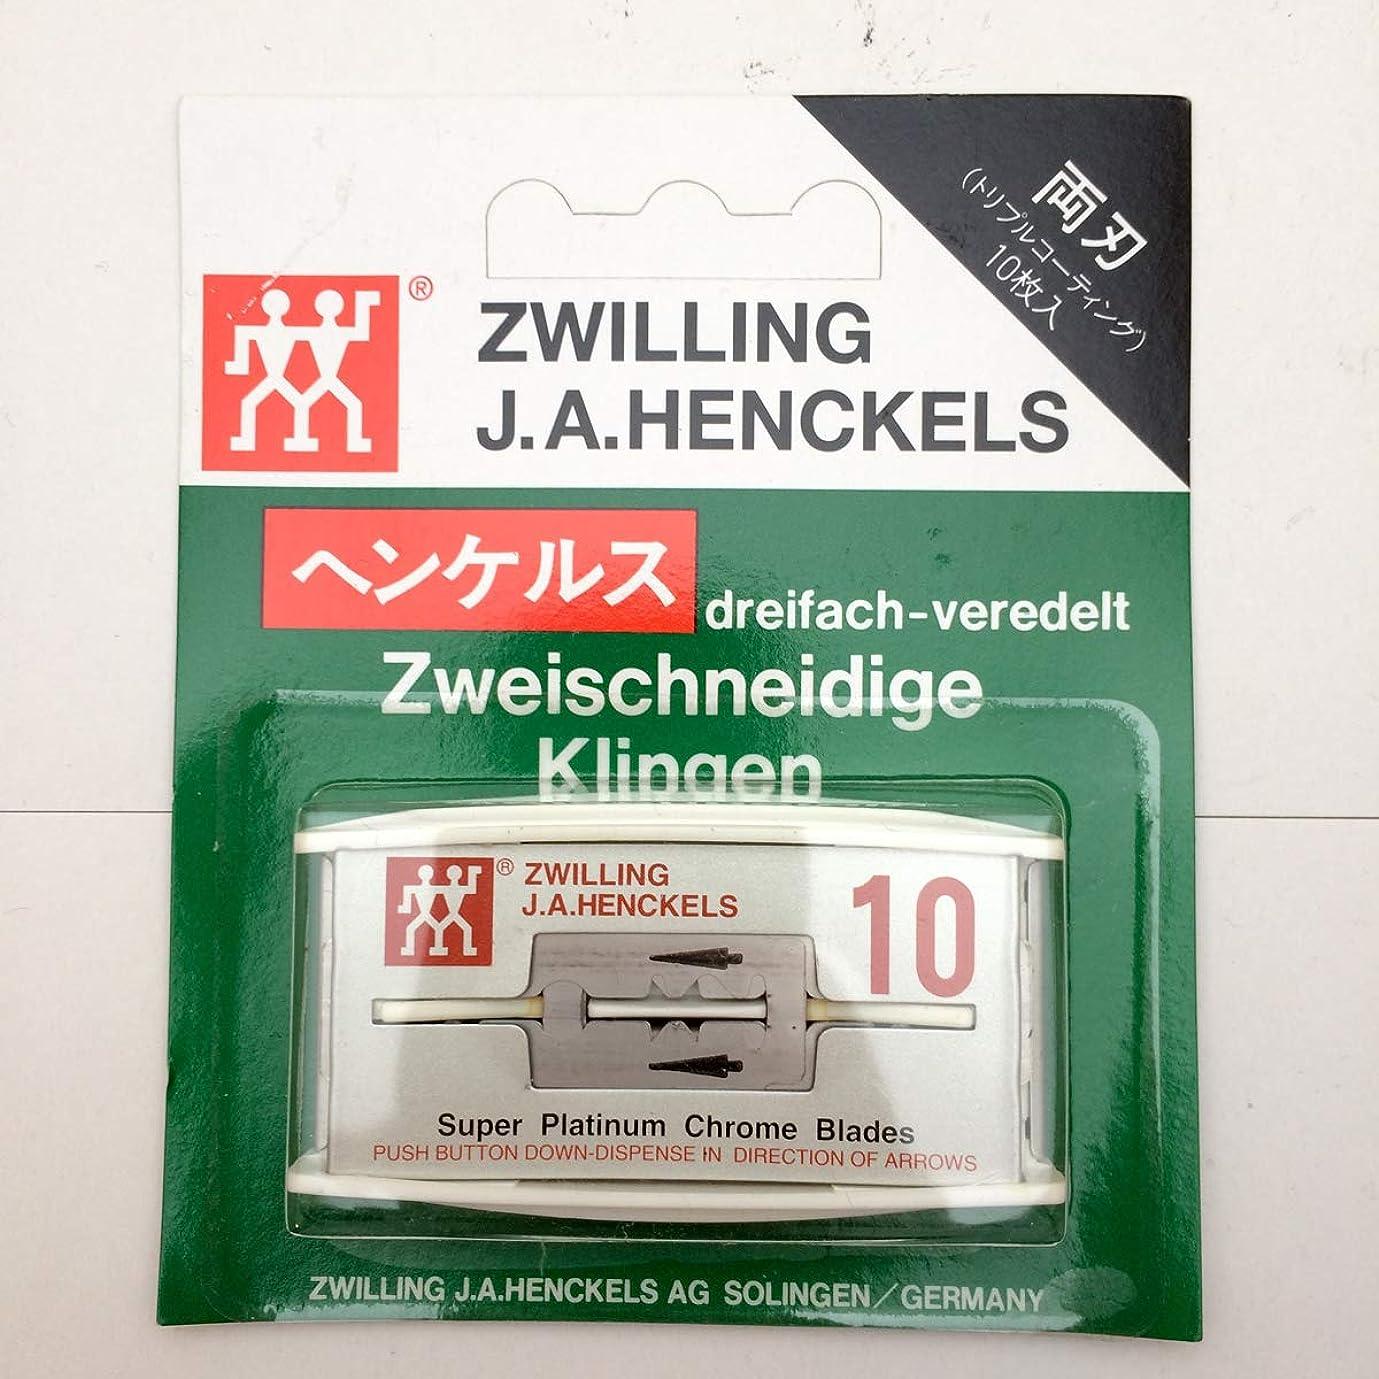 論理的ポップ潮【ヴィンテージ品?数量限定】ツヴィリング J.A. ヘンケルス 両刃 カミソリ 剃刀 替刃 3層コート 10枚入 未開封新品 Vintage 10 Zwilling J.A. Henckels double edge razor blades